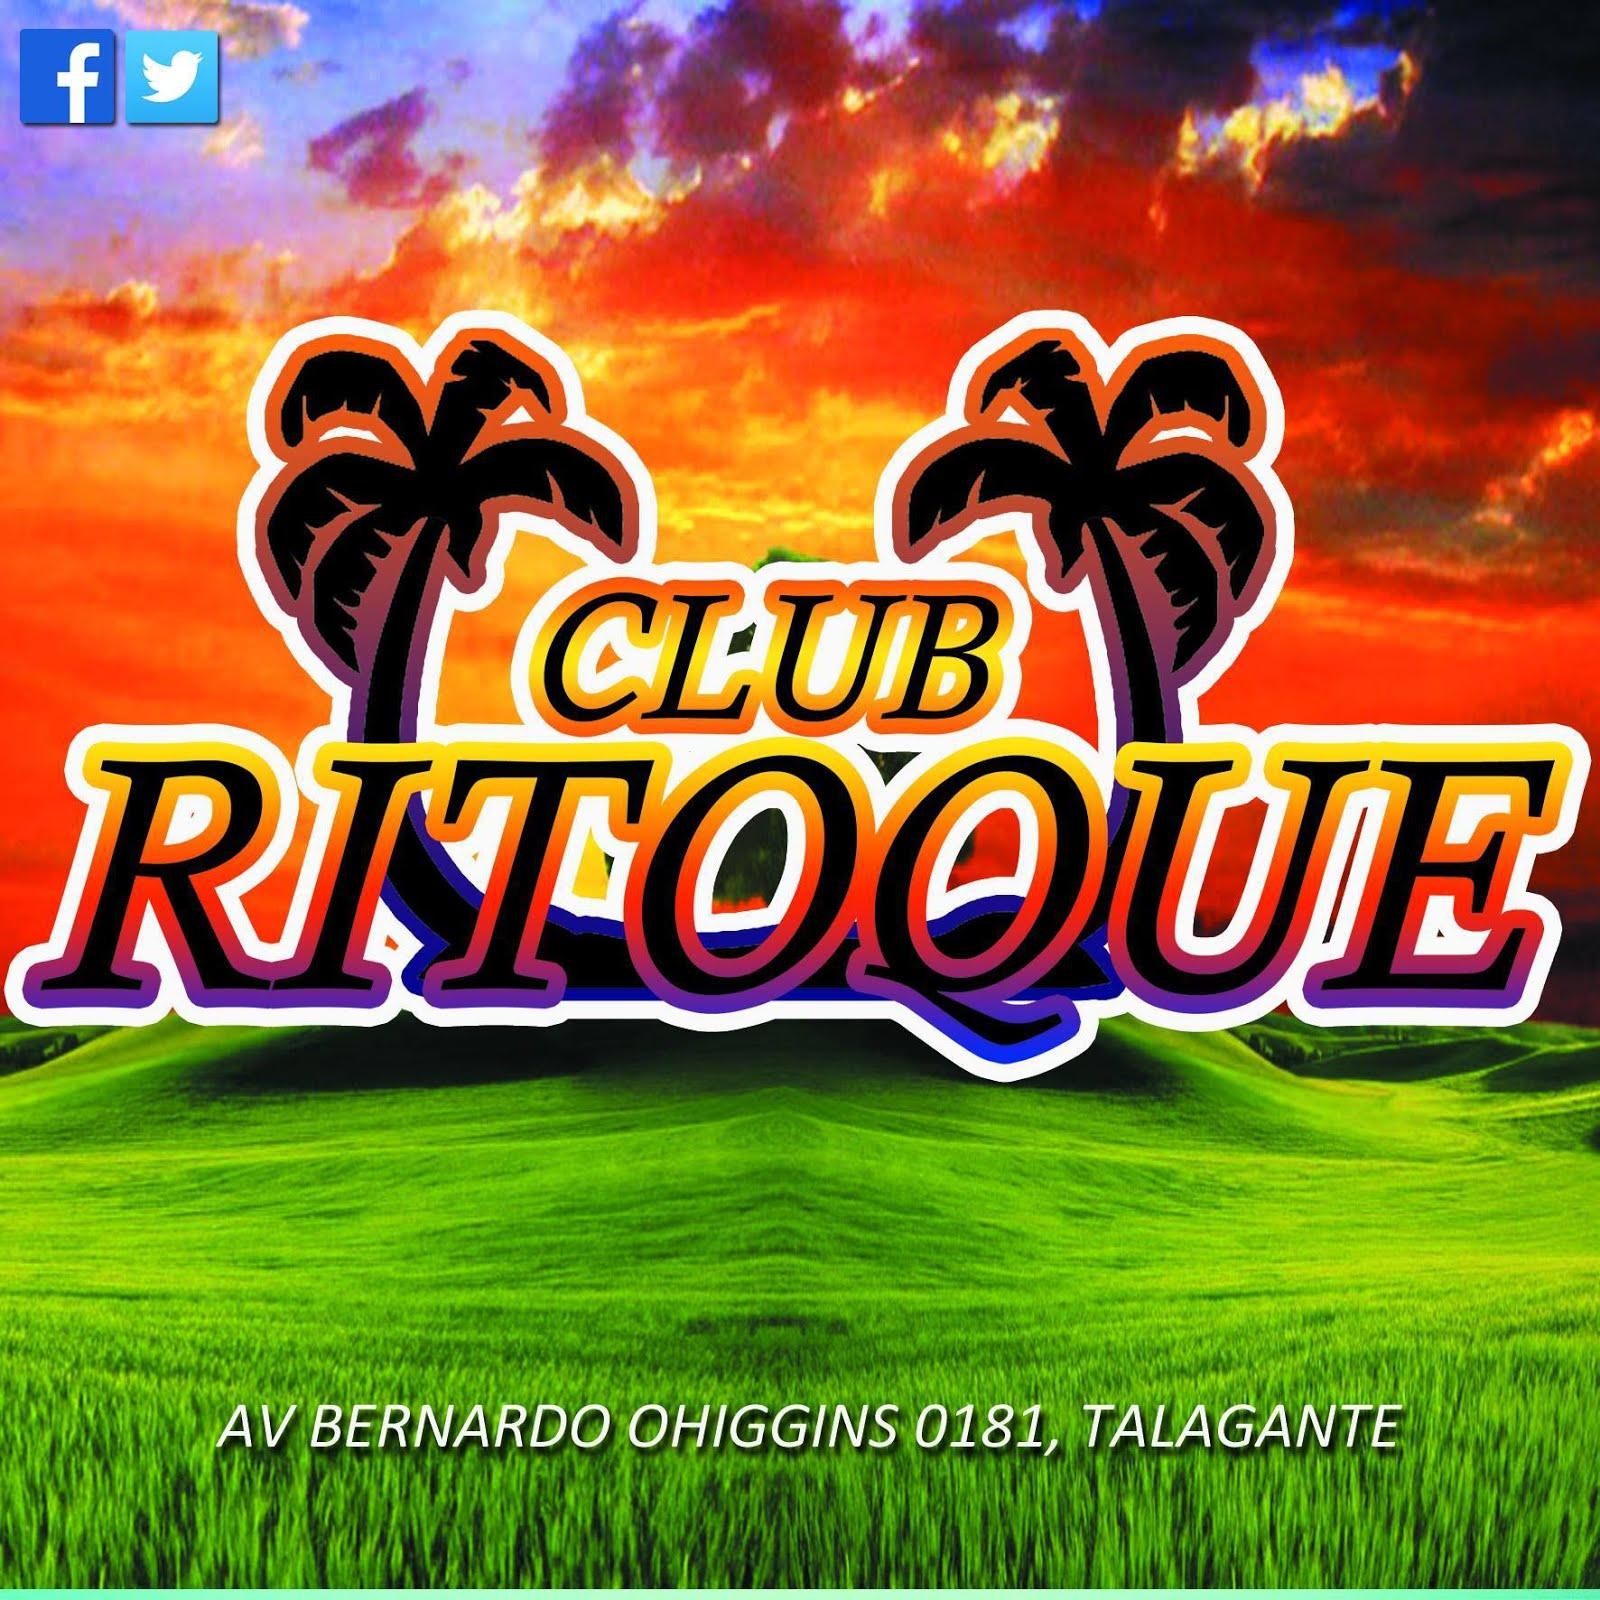 CLUB RITOQUE CHILE